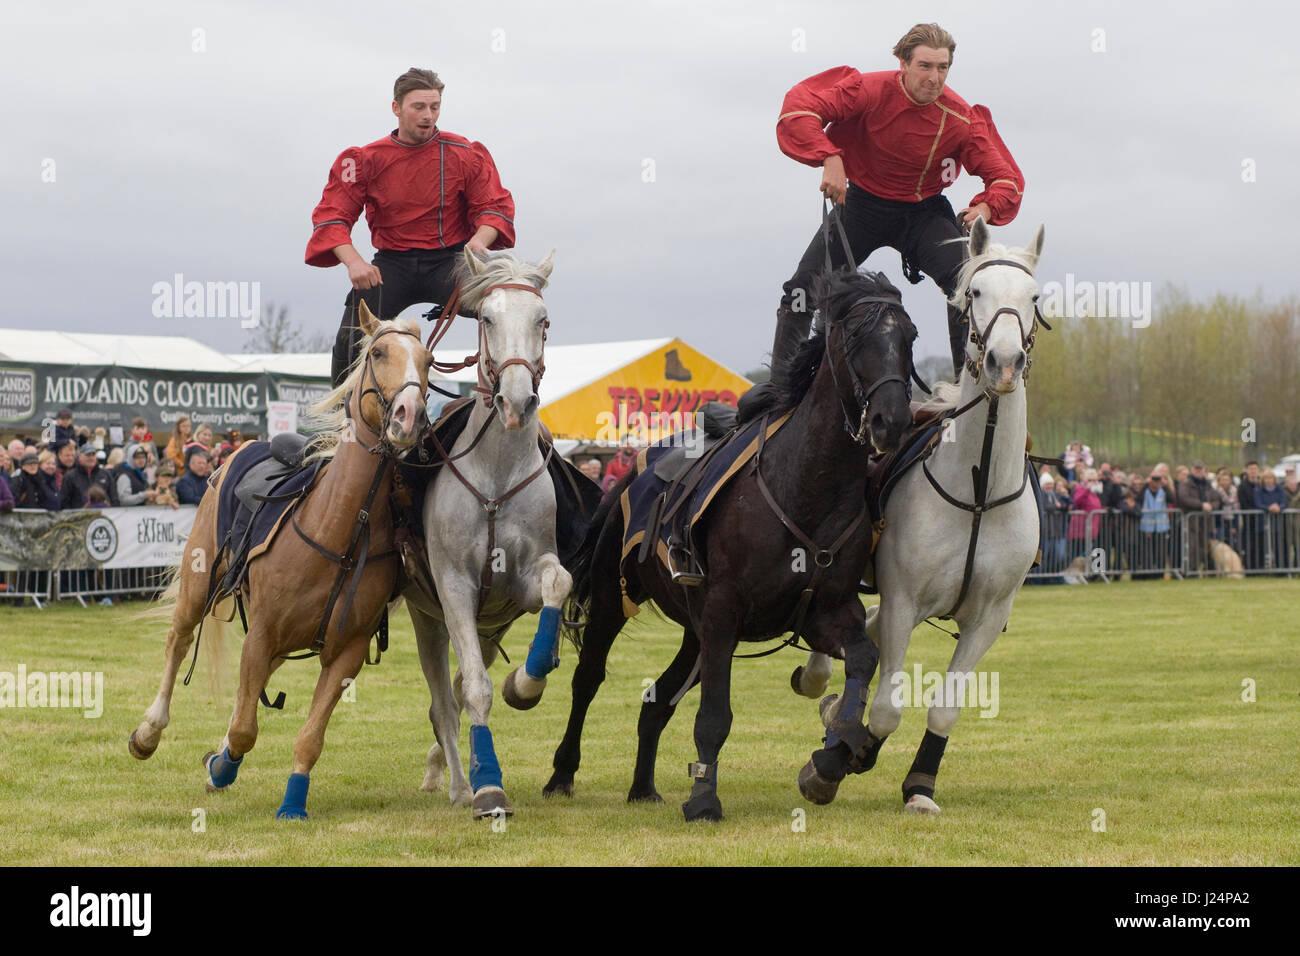 Los Diablos jinetes stunt team mostrar Imagen De Stock